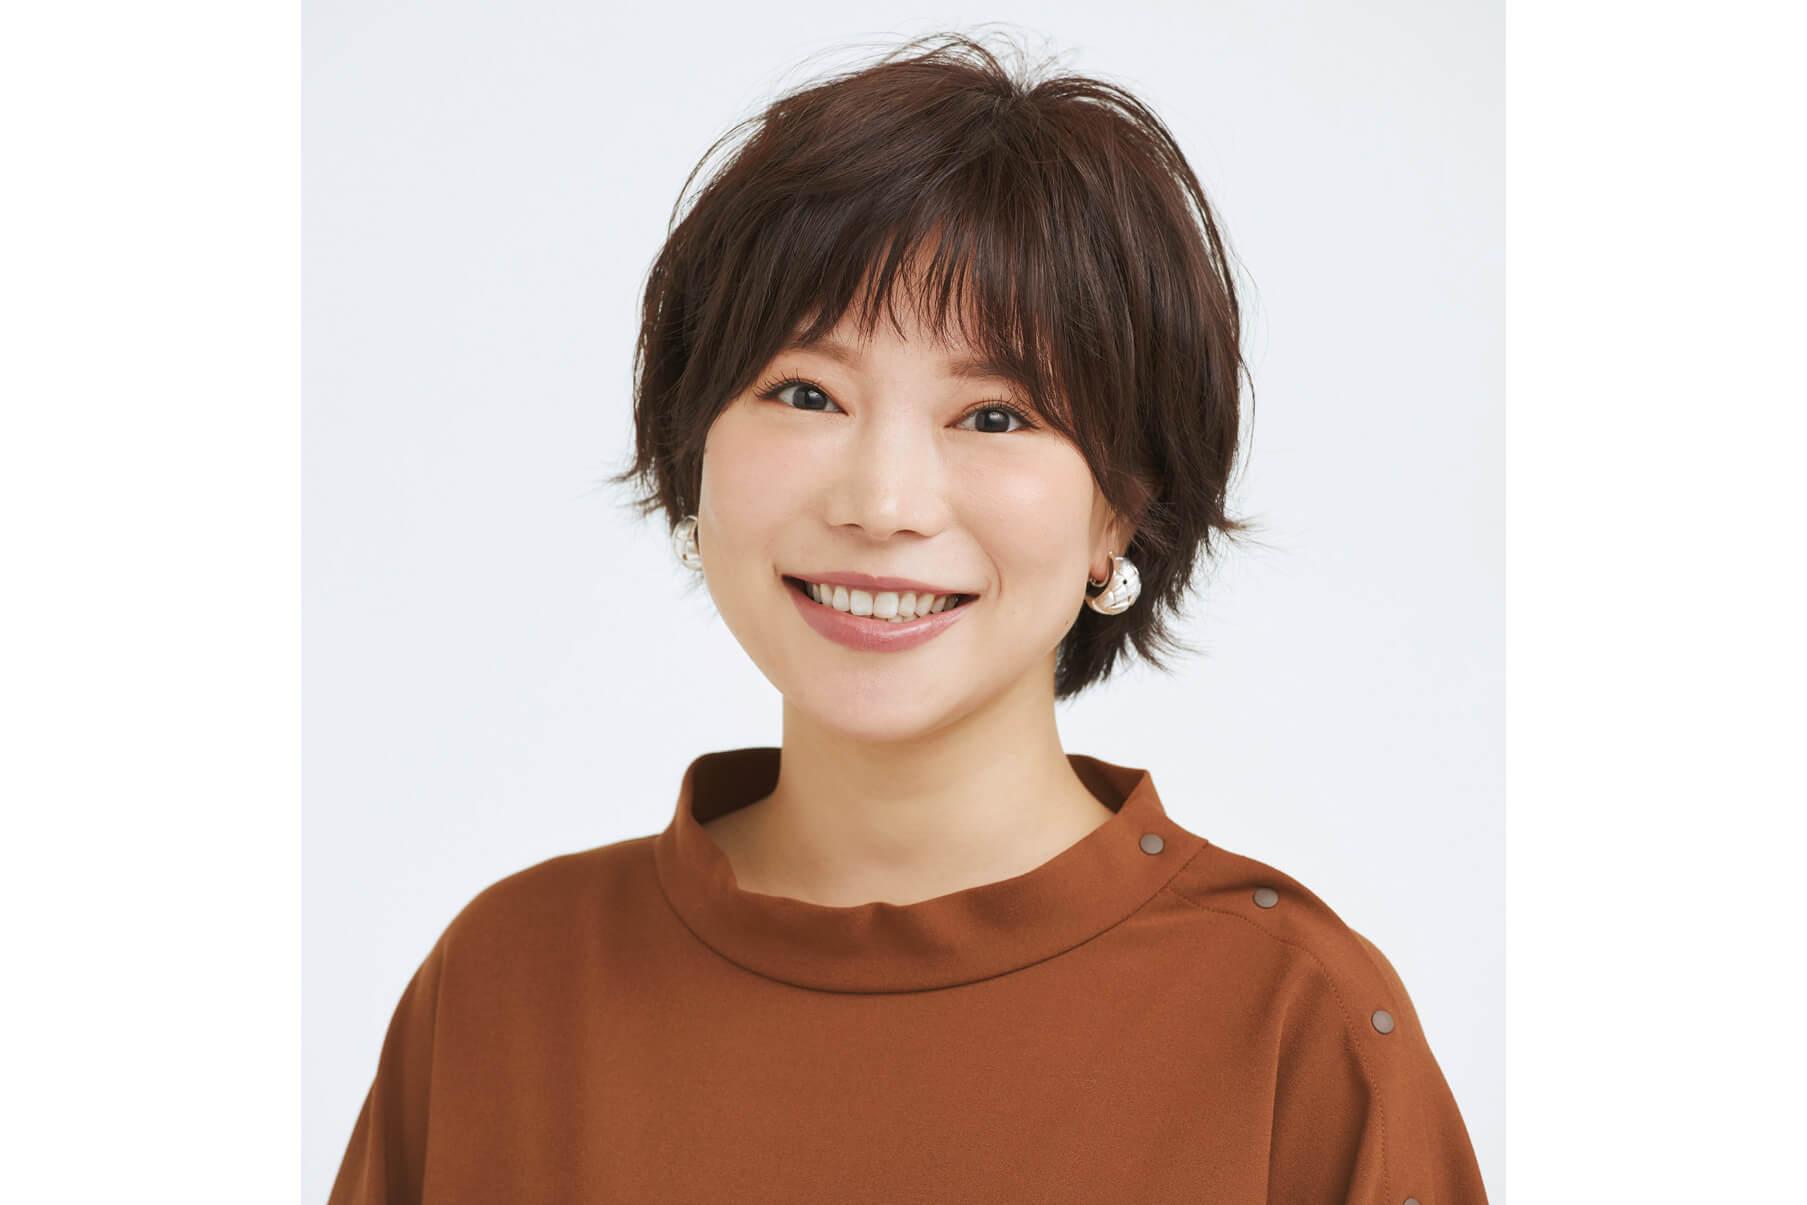 LEEキャラクター佐藤陽香(さとうはるか)